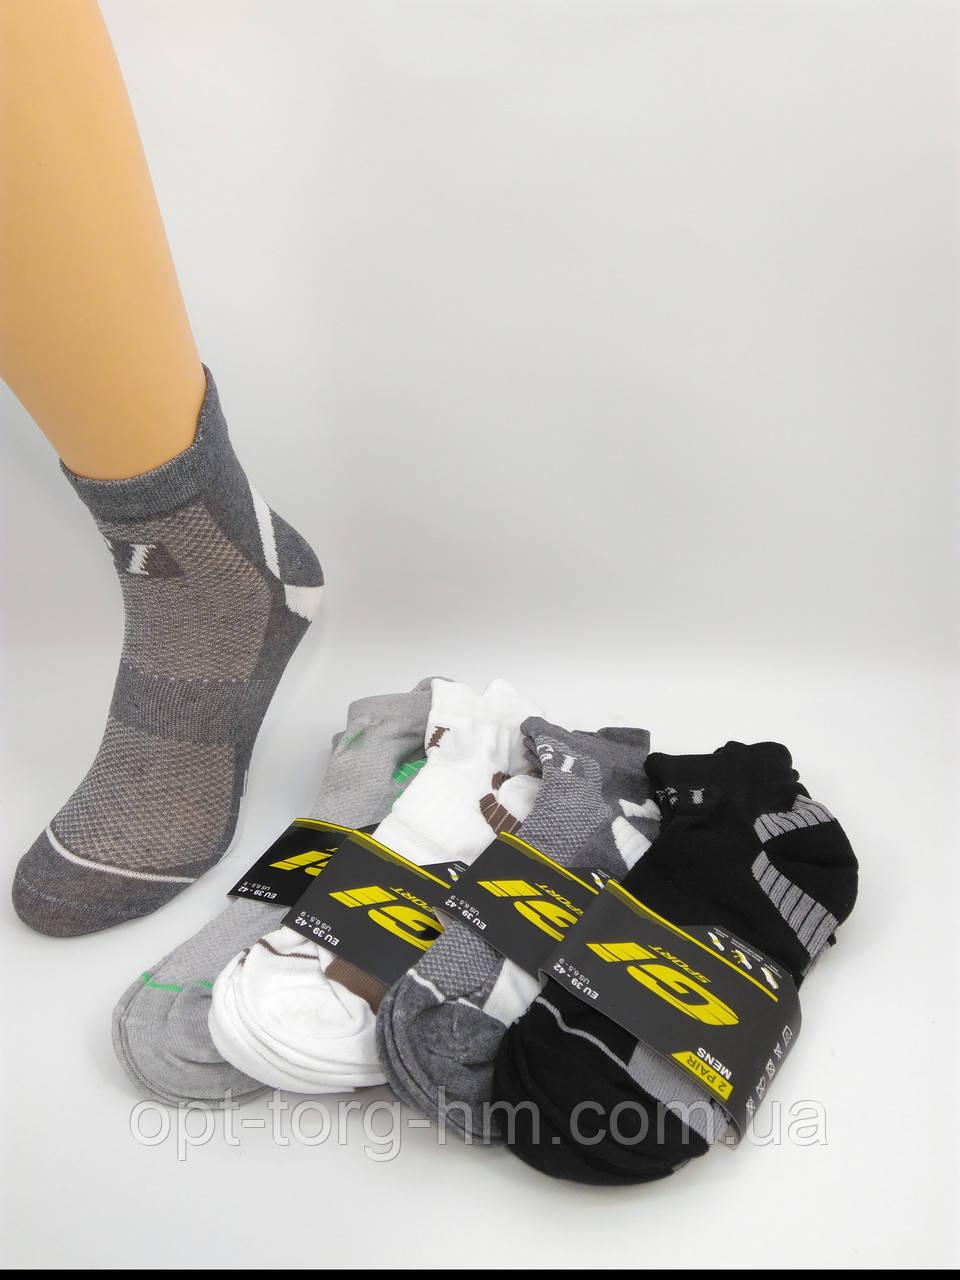 """Спортивные мужские носки сетка """"GI SPORT"""" 27-29 (41-44 обувь)"""